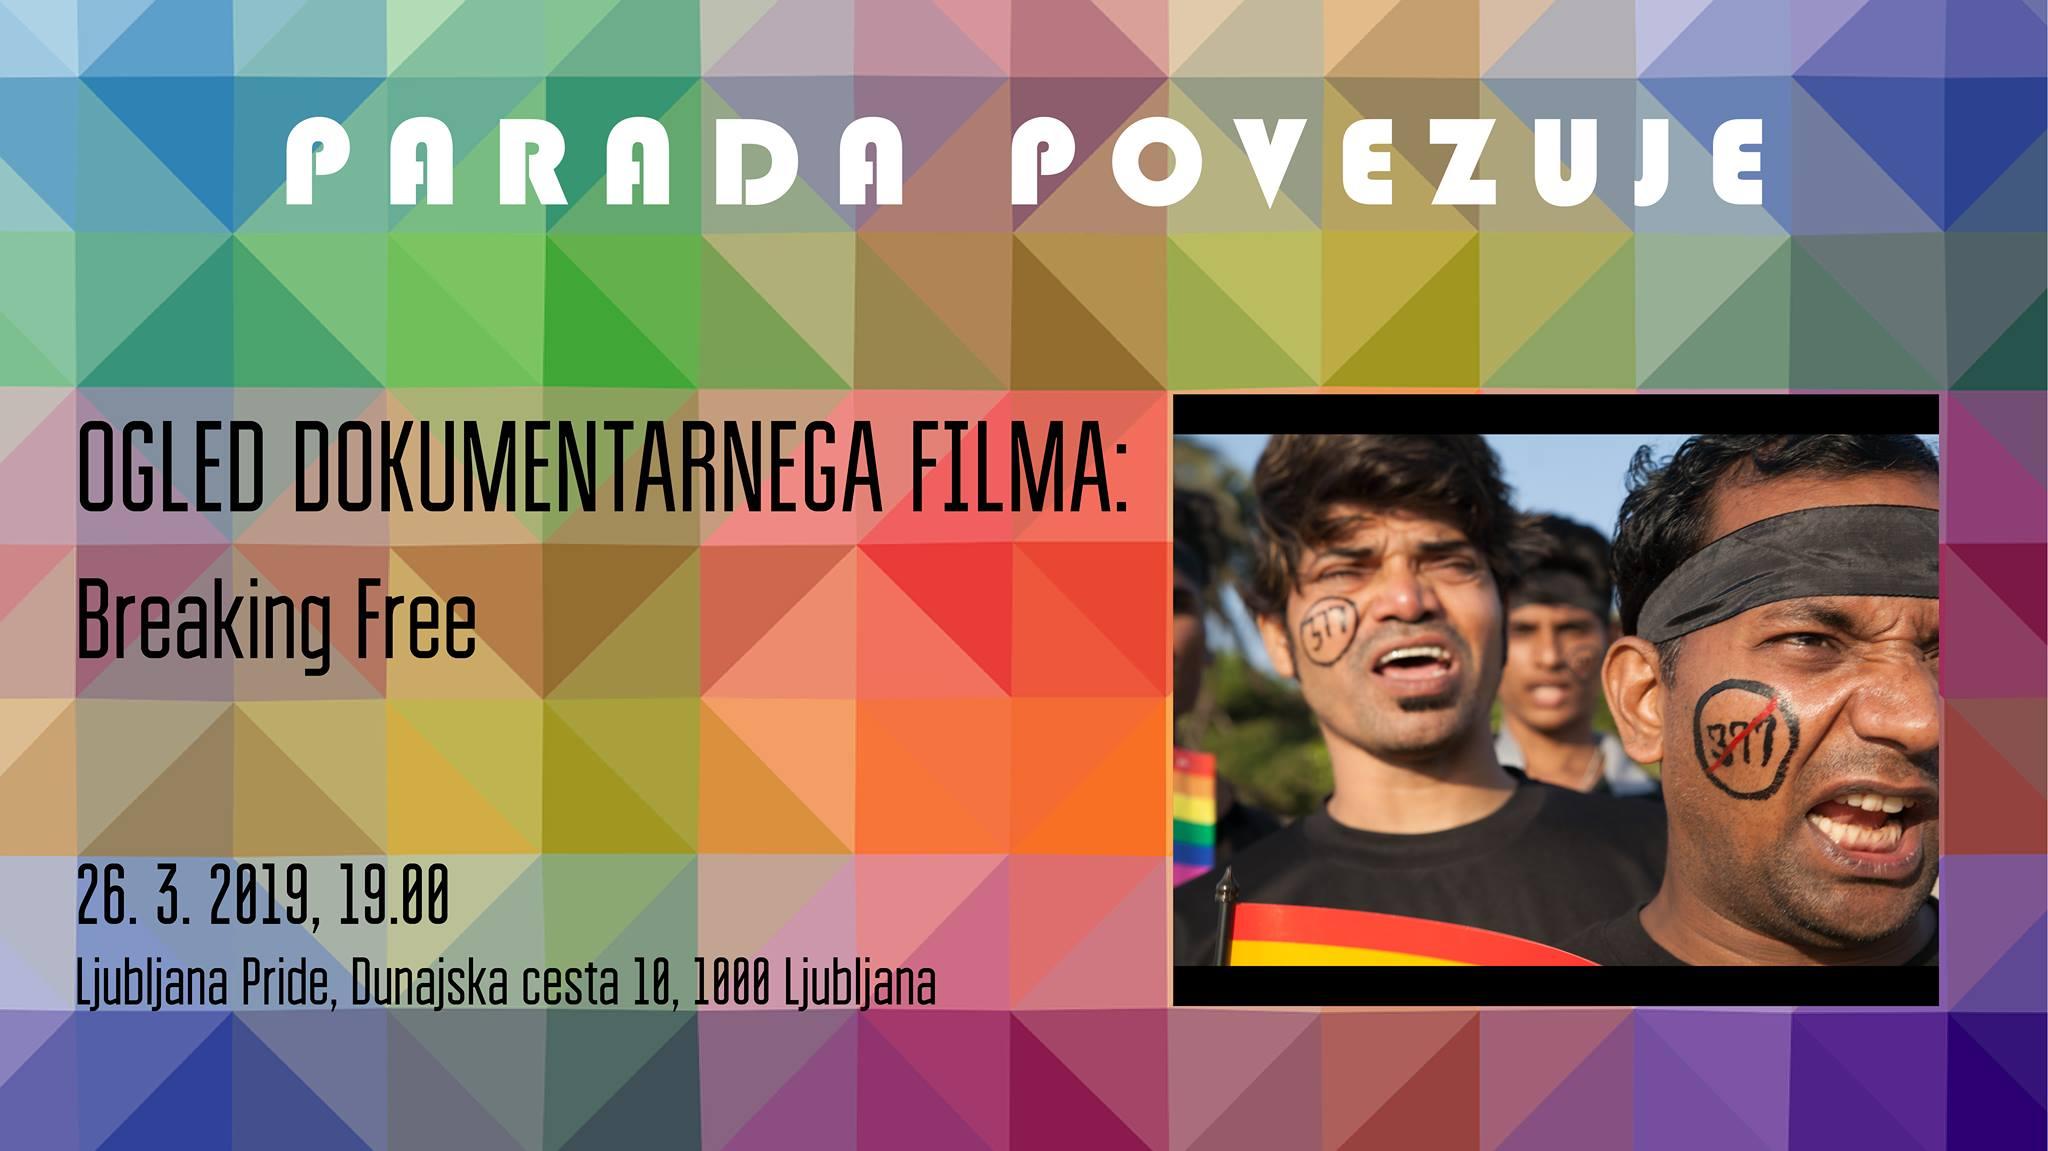 Parada povezuje // Ogled dokumentarnega filma